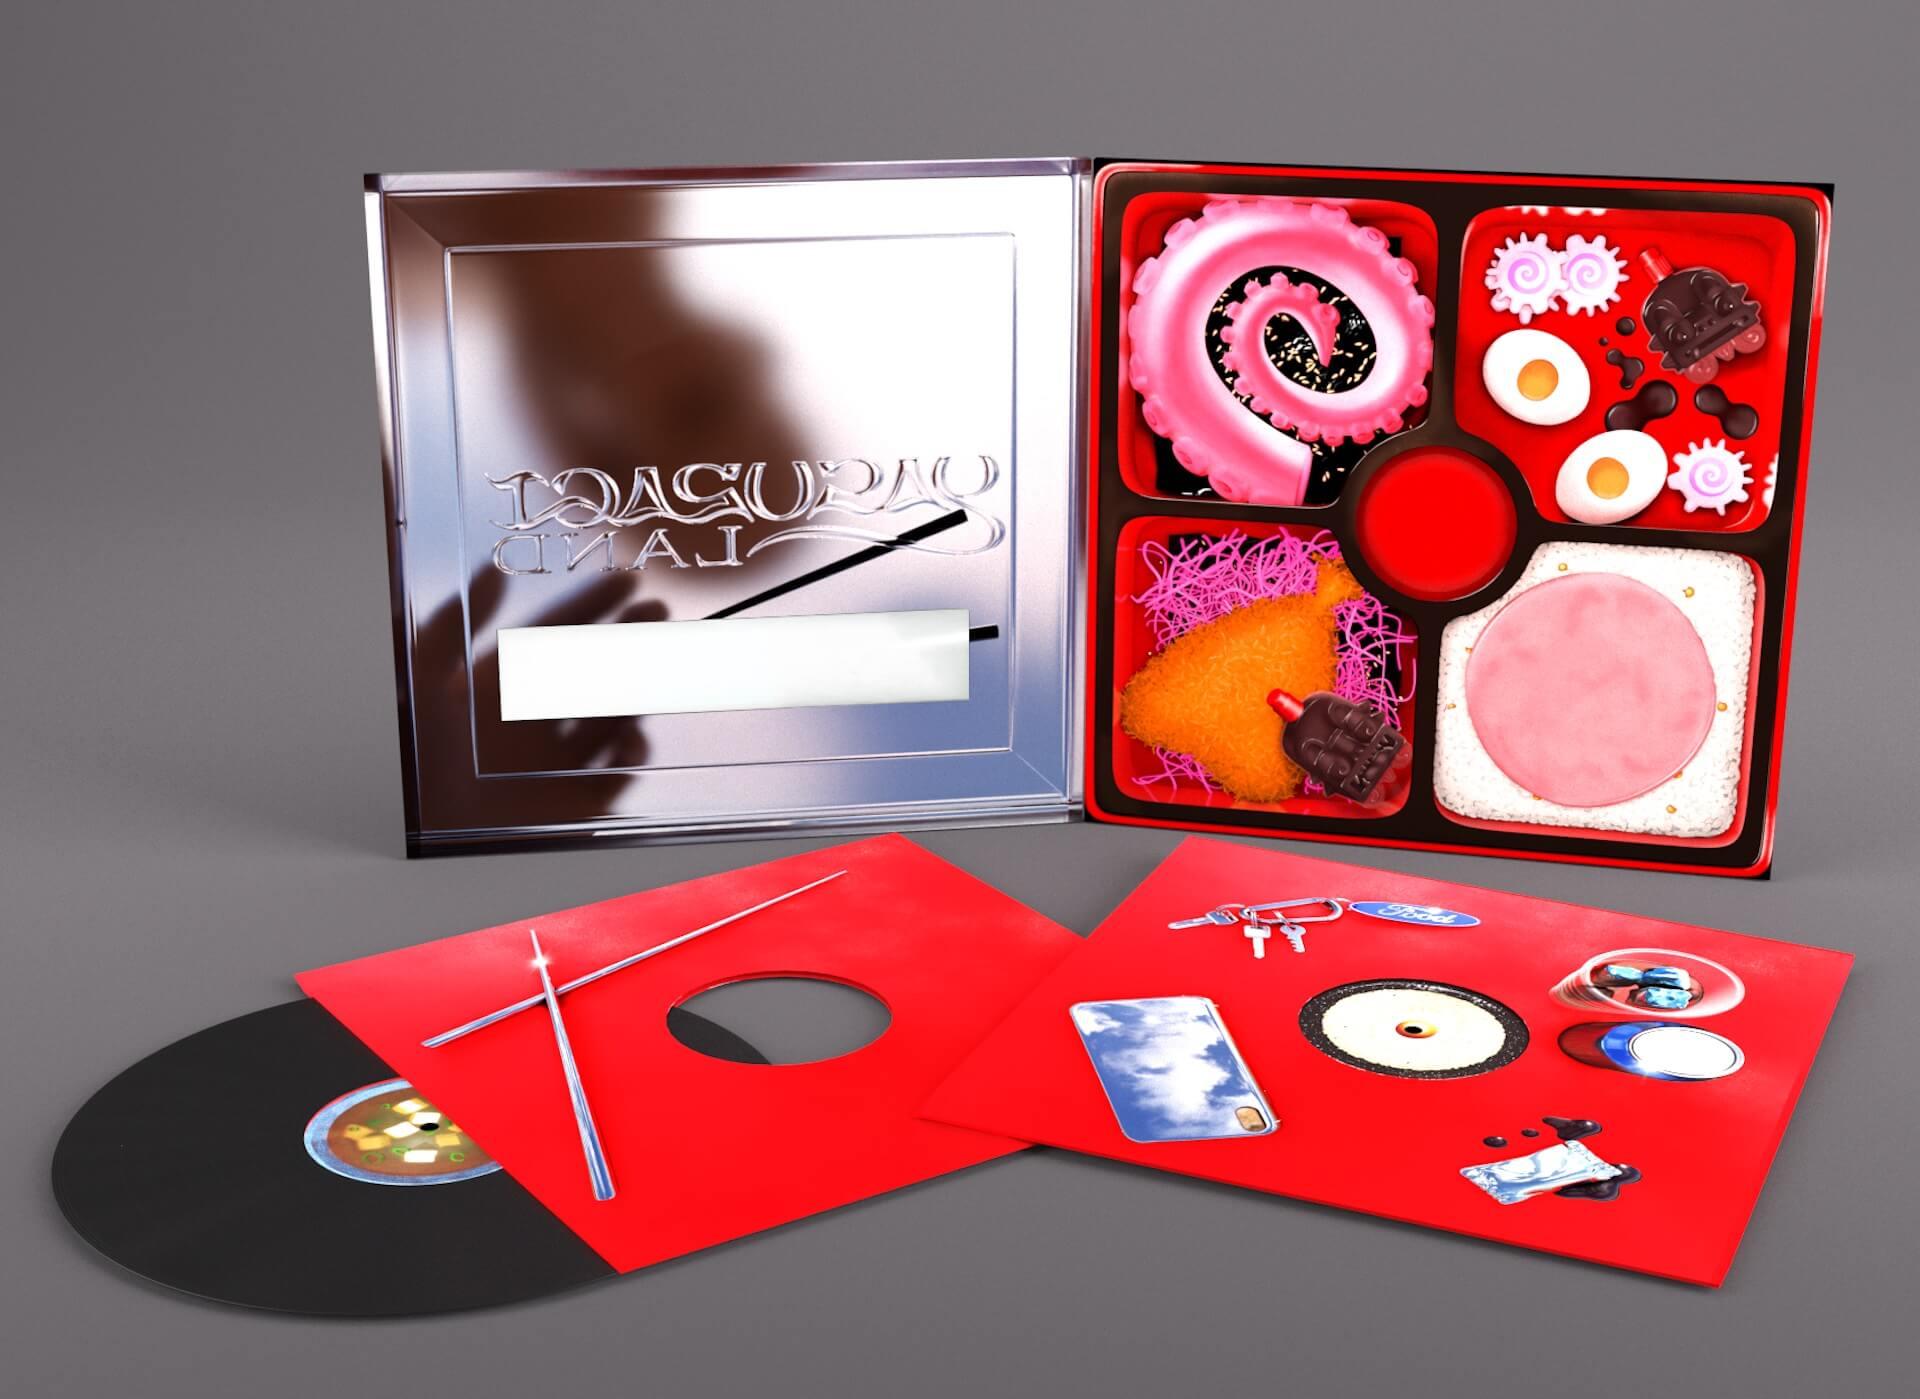 食品まつり a.k.a foodmanのニューアルバム『Yasuragi Land』が名門〈Hyperdub〉からリリース決定! music210414_foodman_hyperdub_1